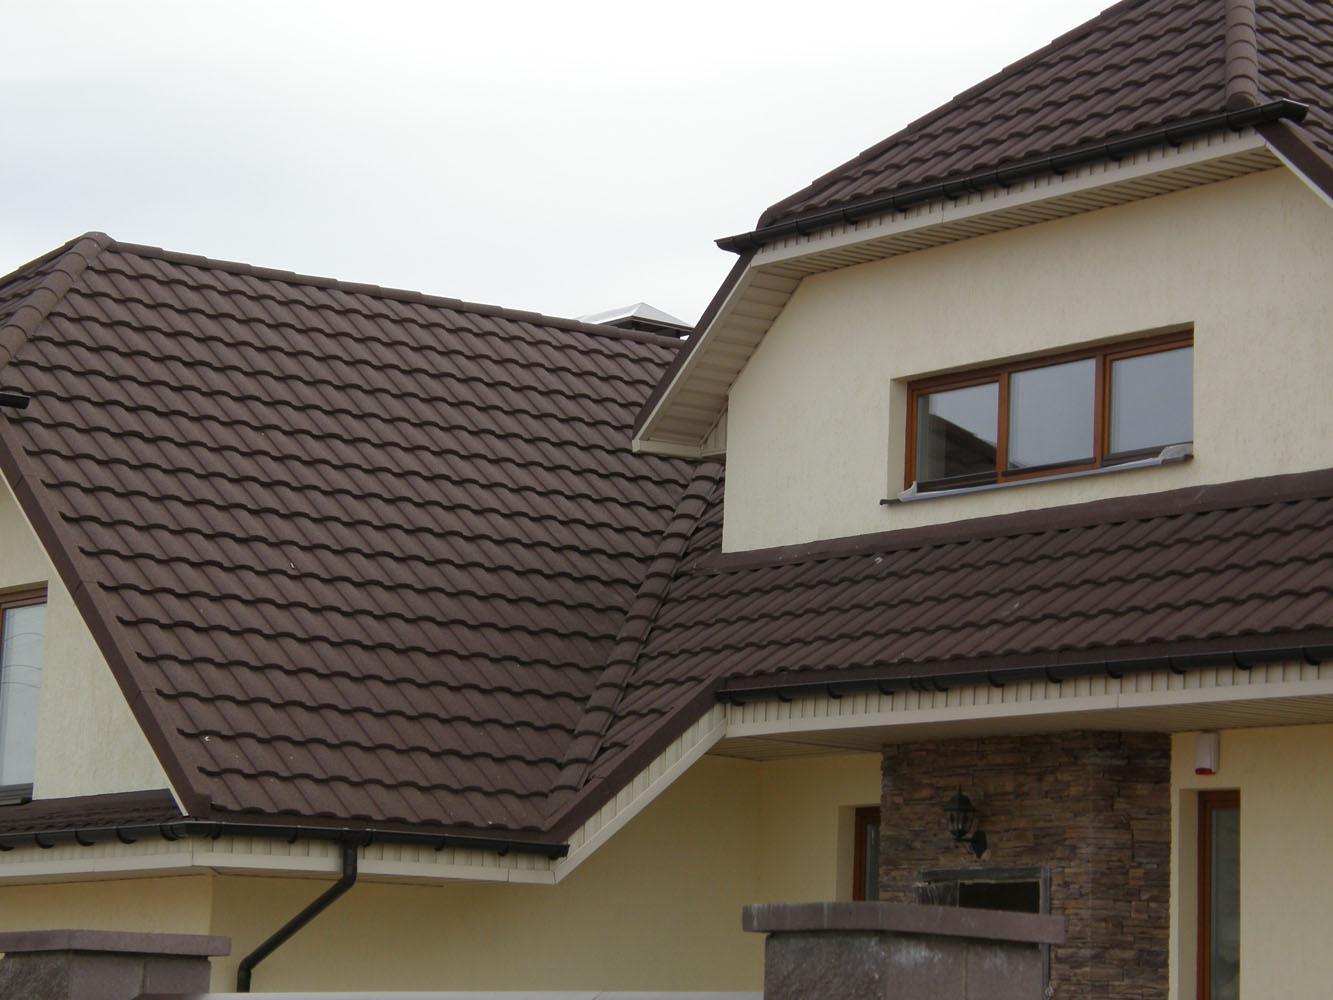 Композитная черепица на крыше частного дома